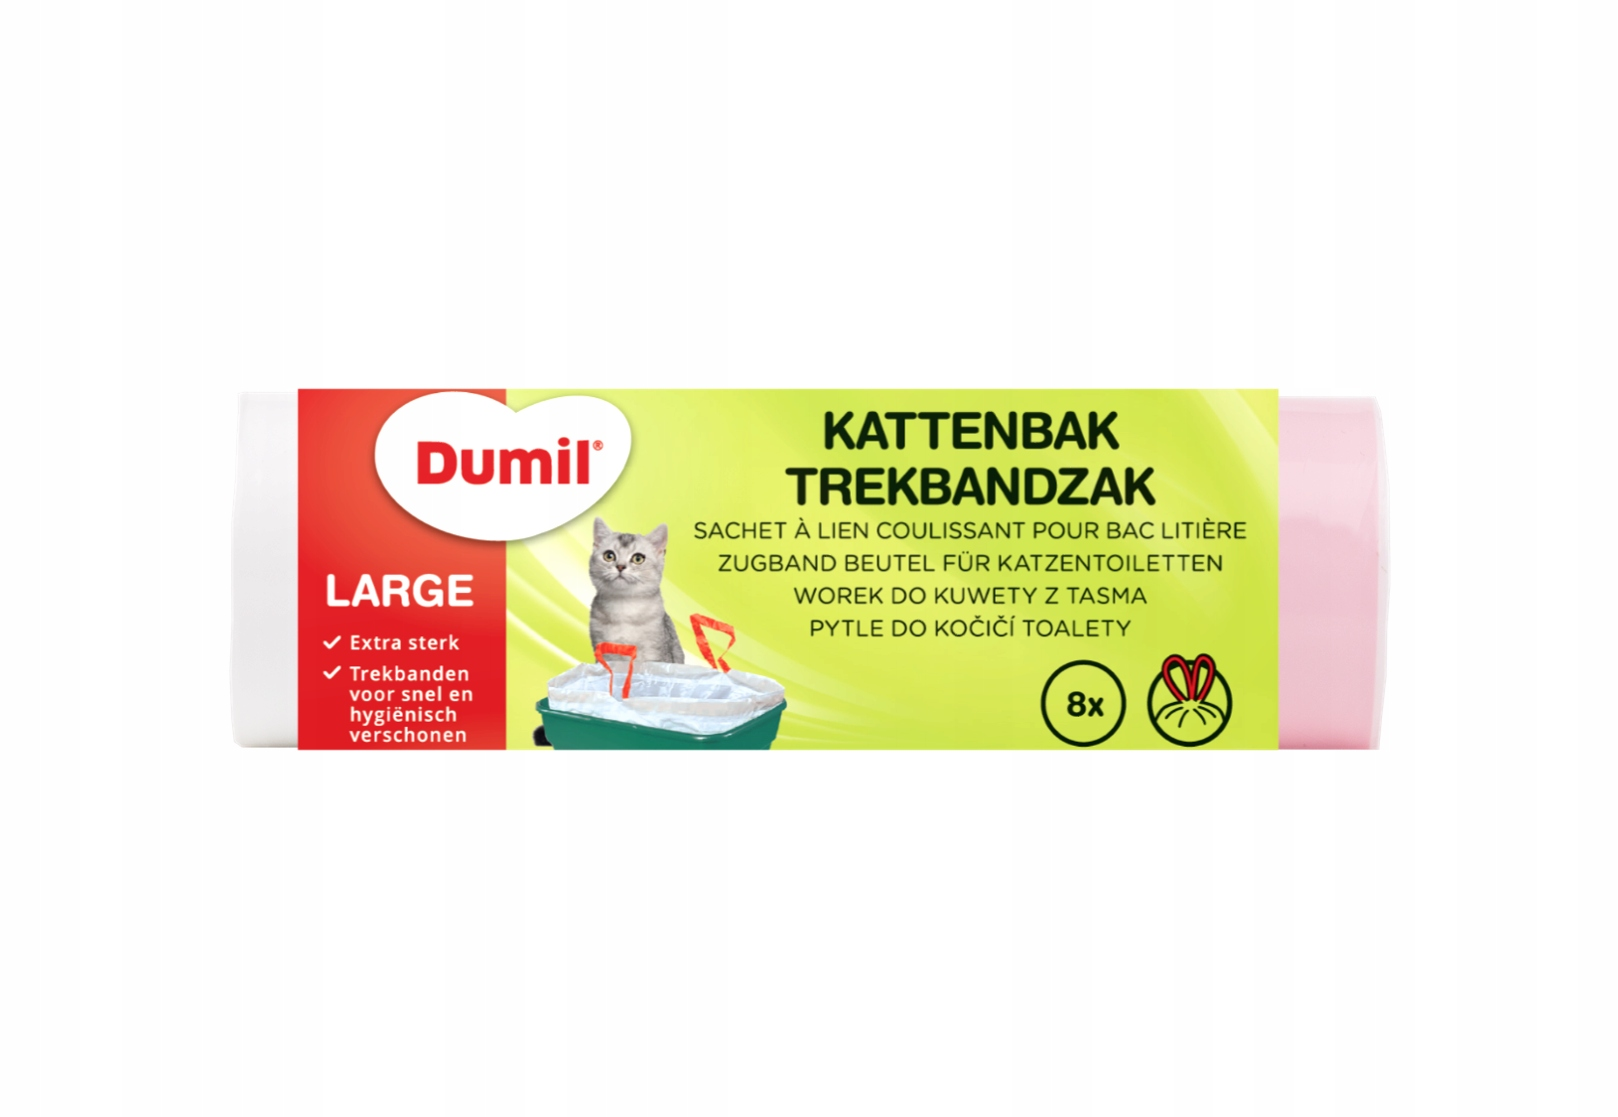 Прочные пакеты для кювет с лентой, большие, 8 шт., XL